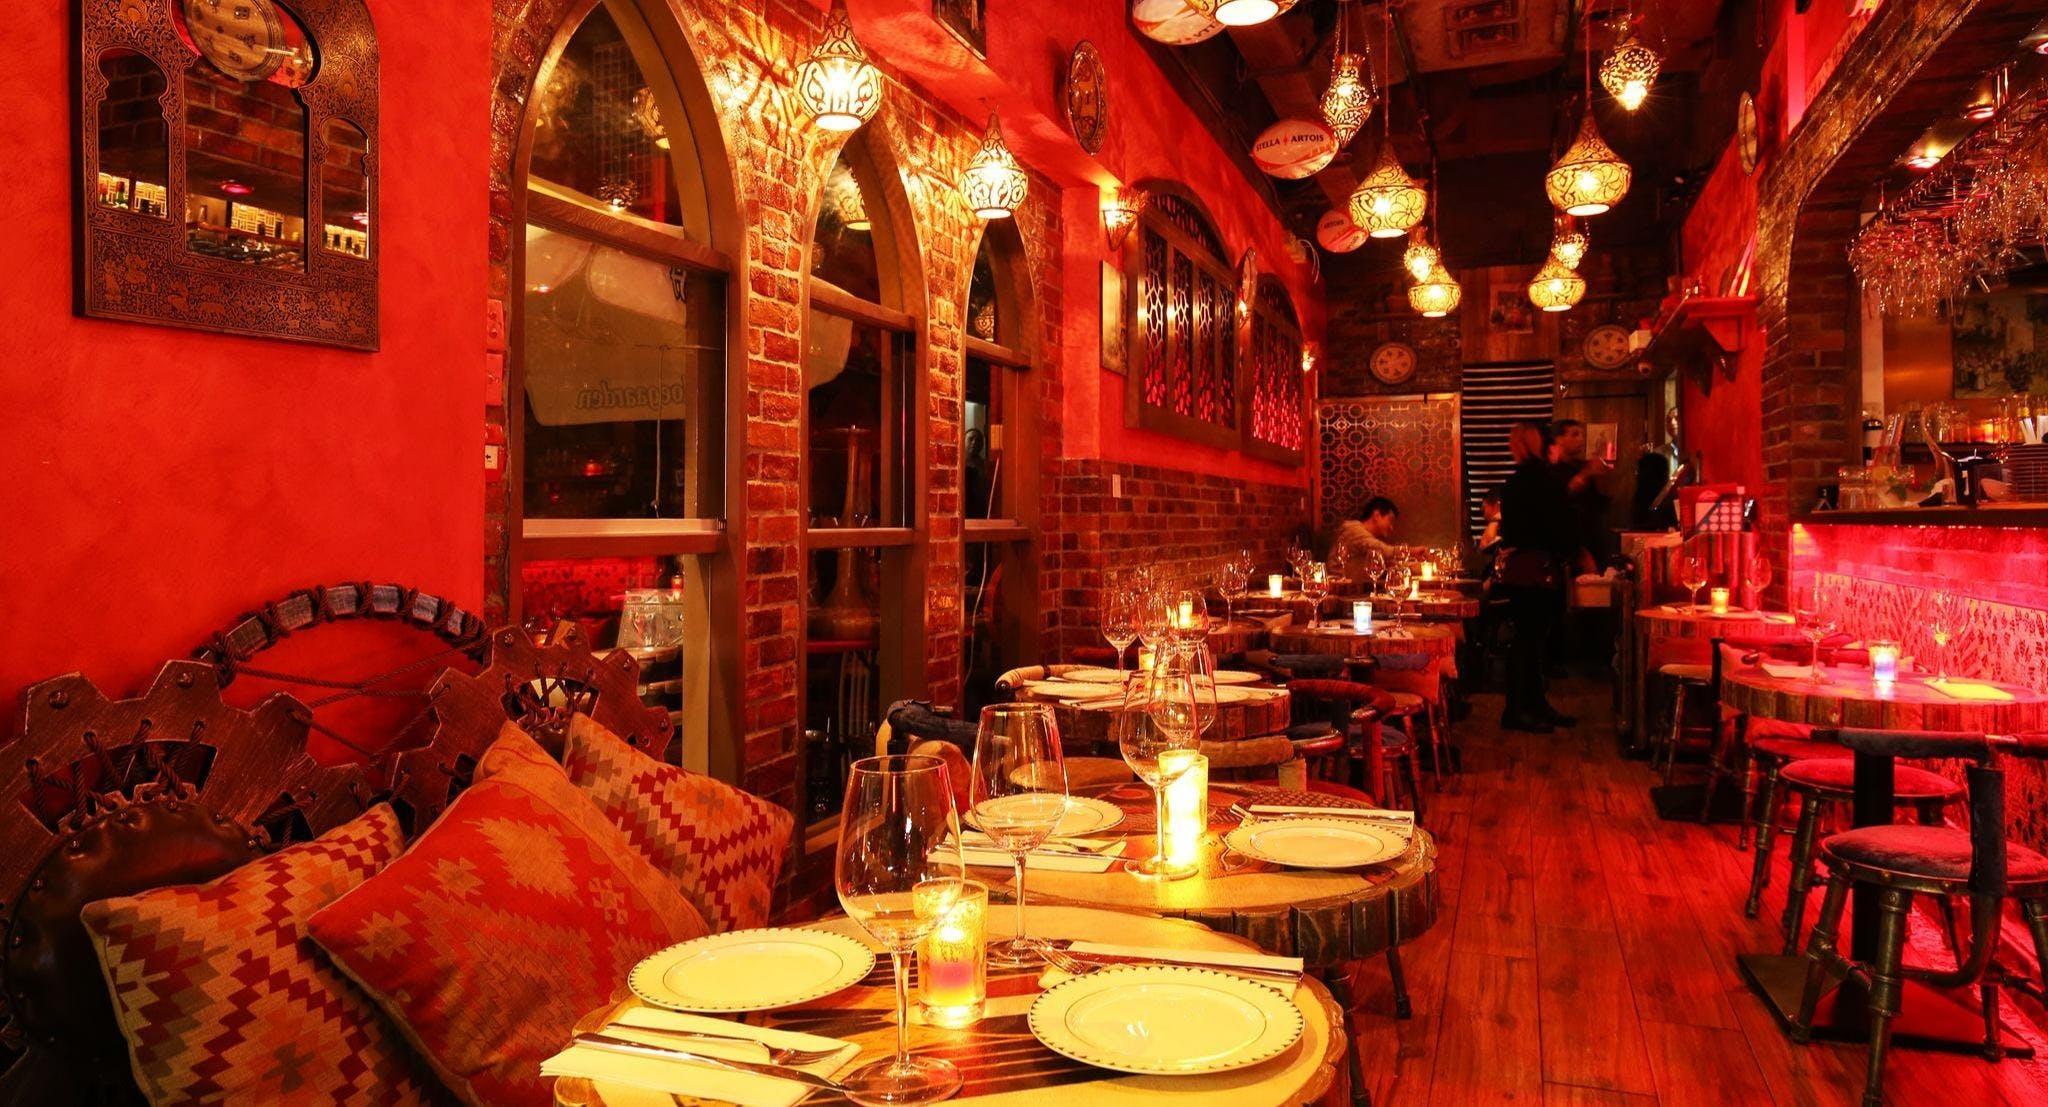 Zooba Bar & Grill Hong Kong image 2